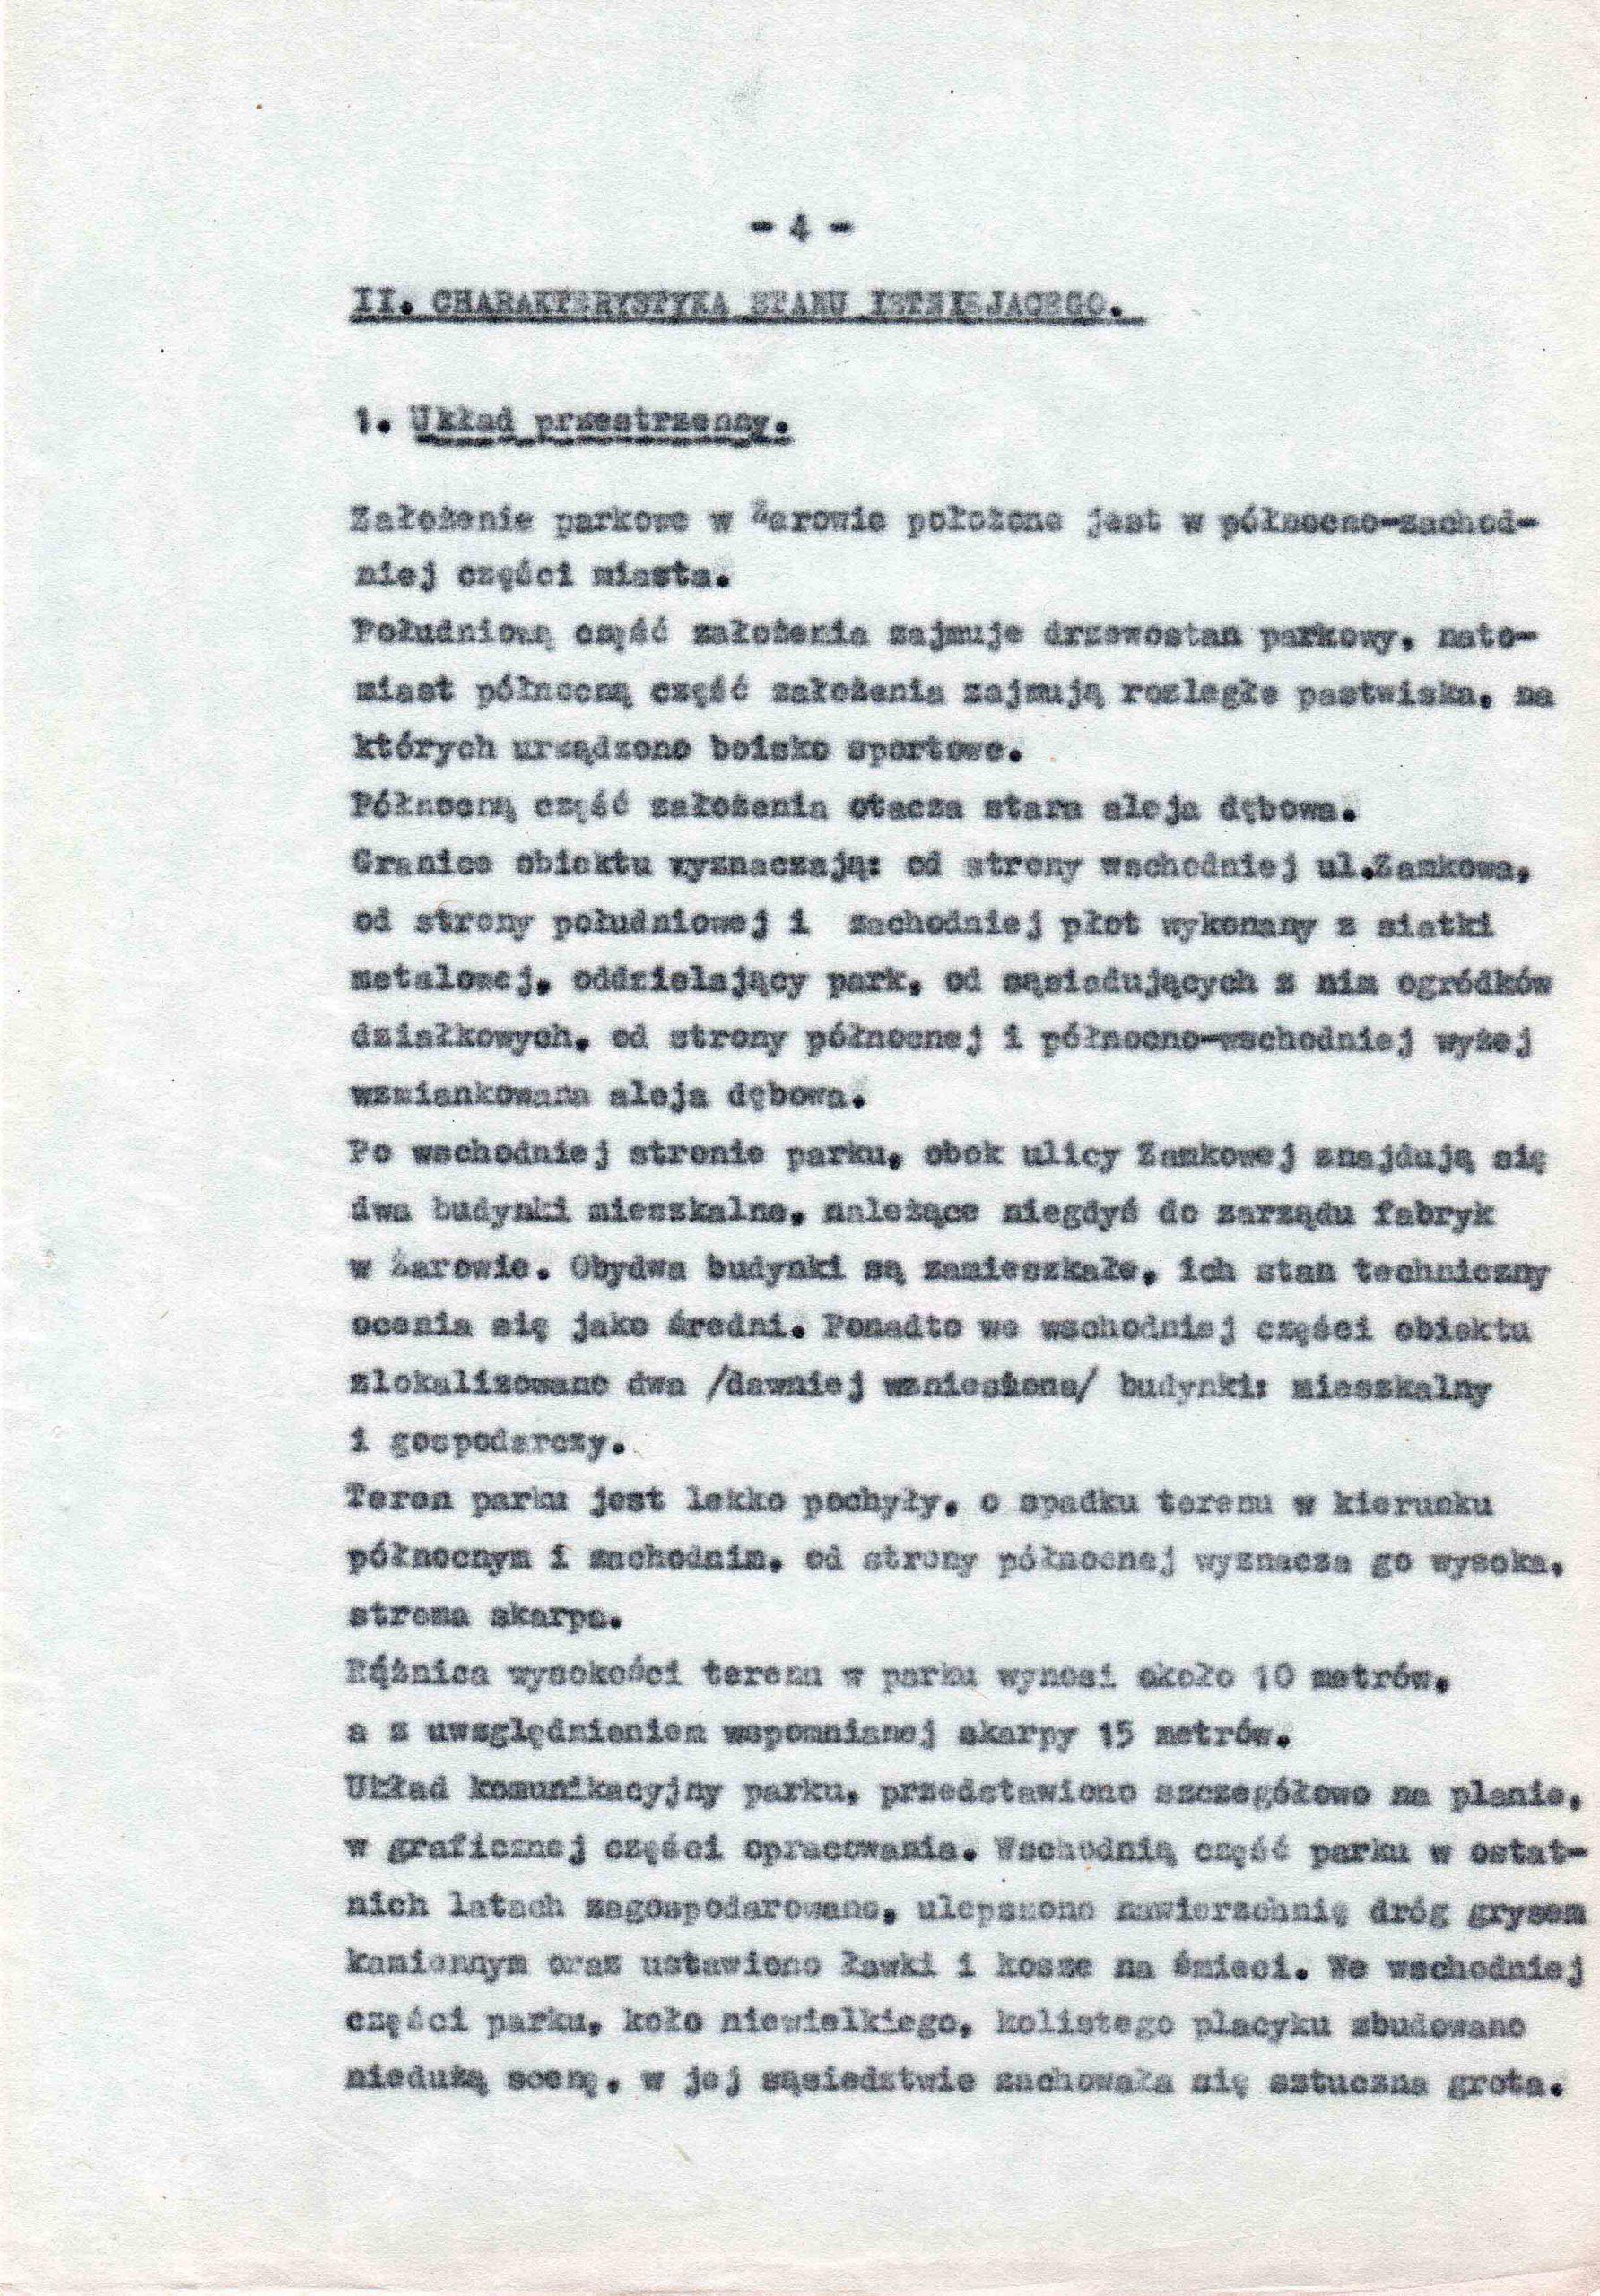 Ewidencja założenia ogrodowo-parkowego 1987 dokument (8)